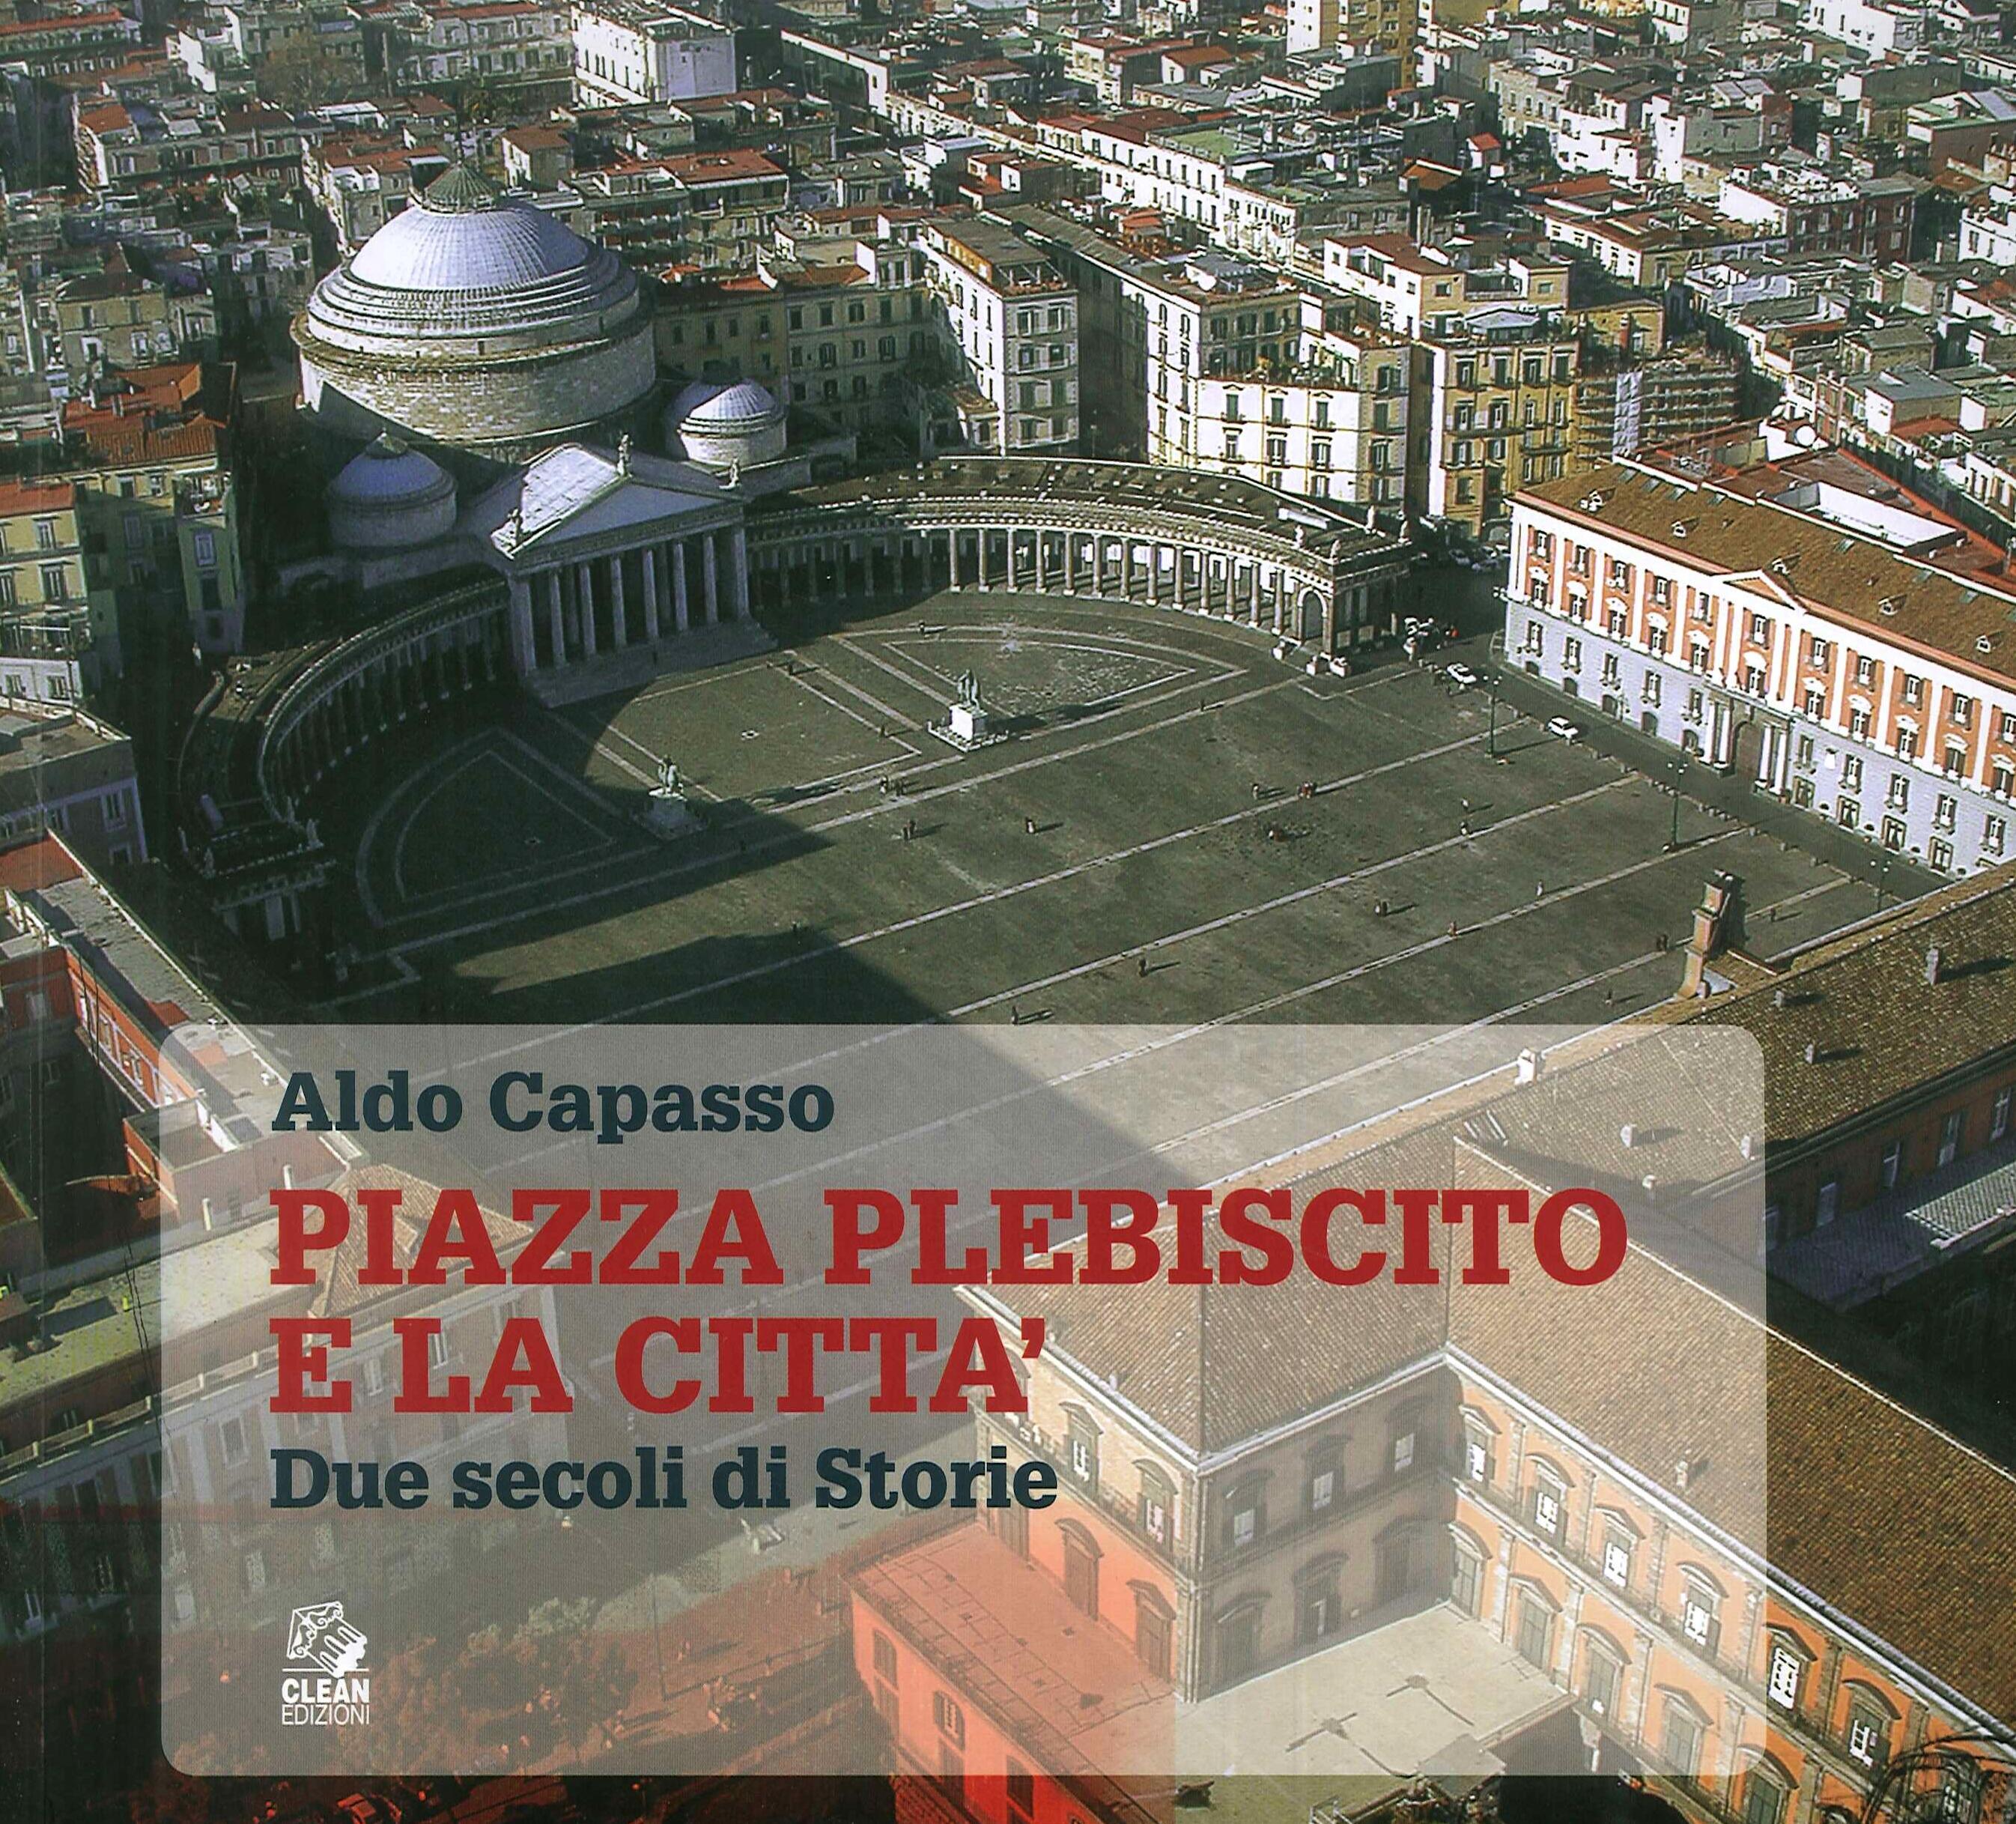 Piazza Plebiscito e città. Due secoli di storia.